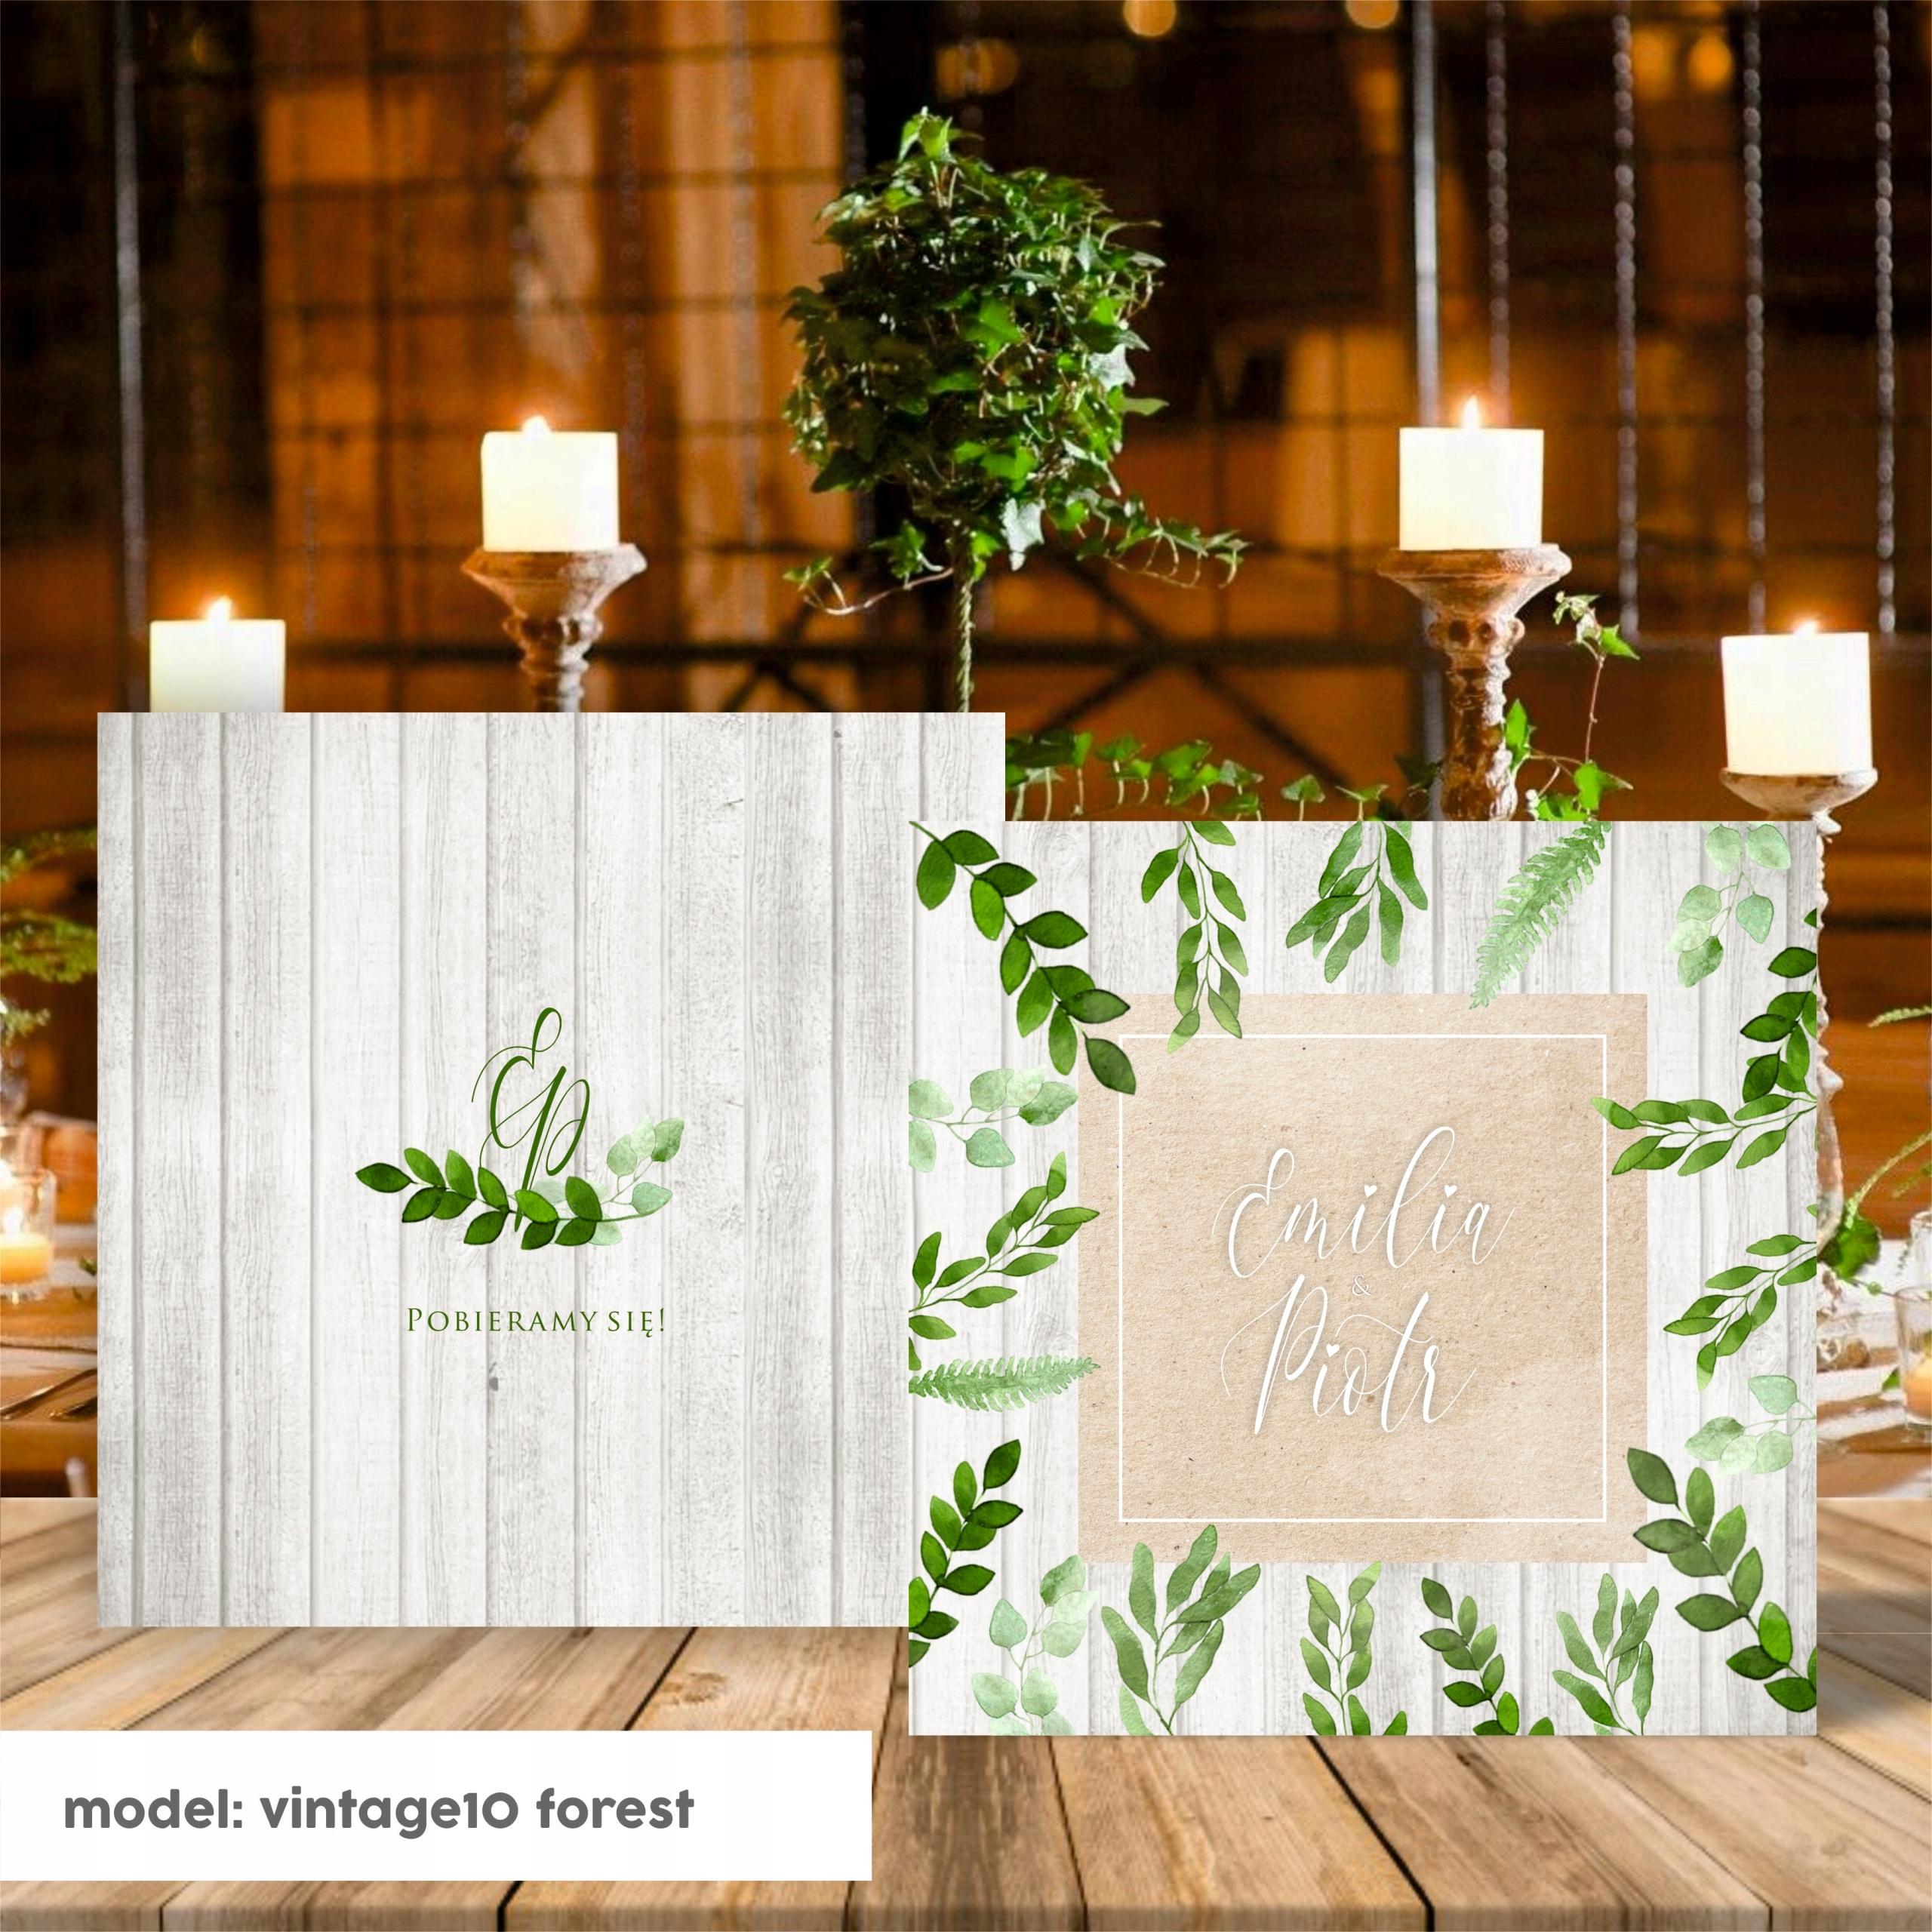 Zaproszenia ślubne Zestaw Rustykalne Hit Greenery 7456667490